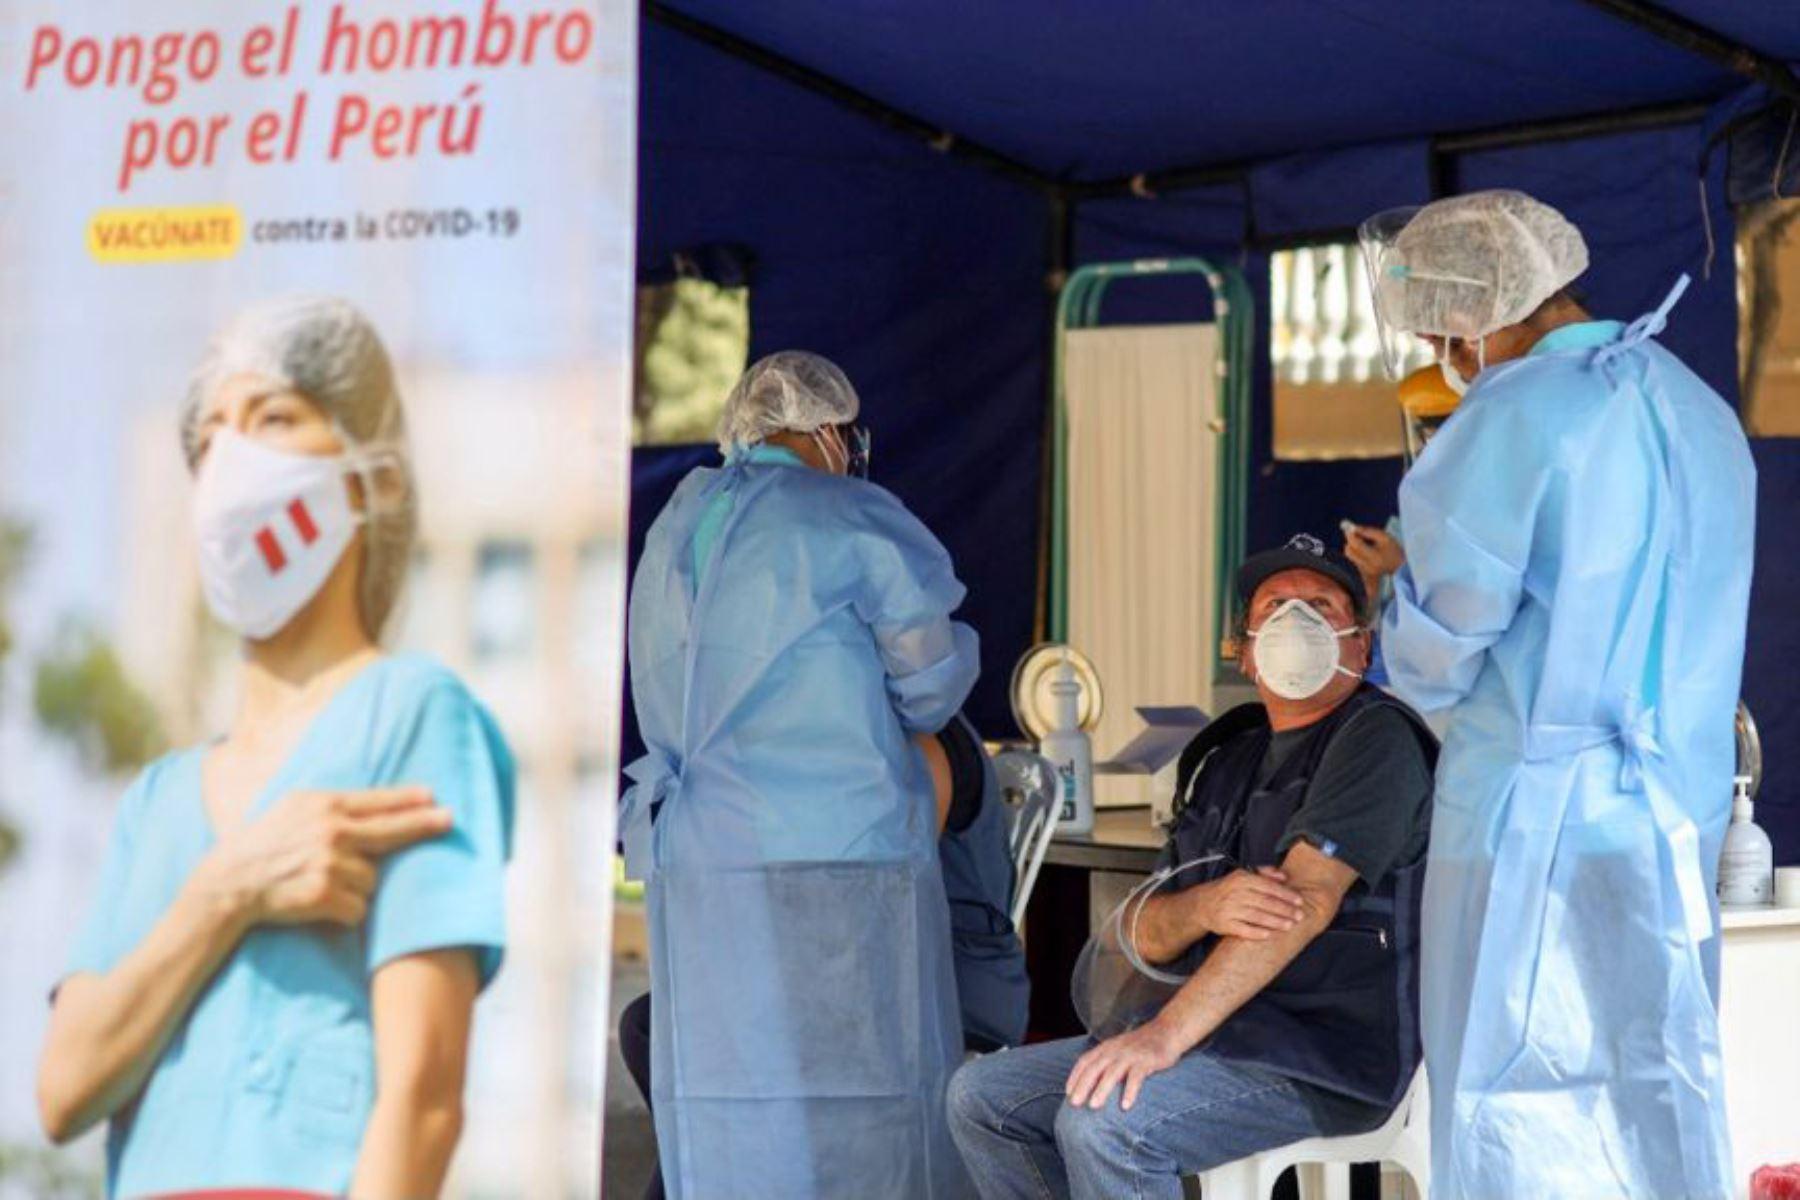 Minsa: Más de 1700 vacunadores trabajarán mañana, tarde y noche este fin de semana